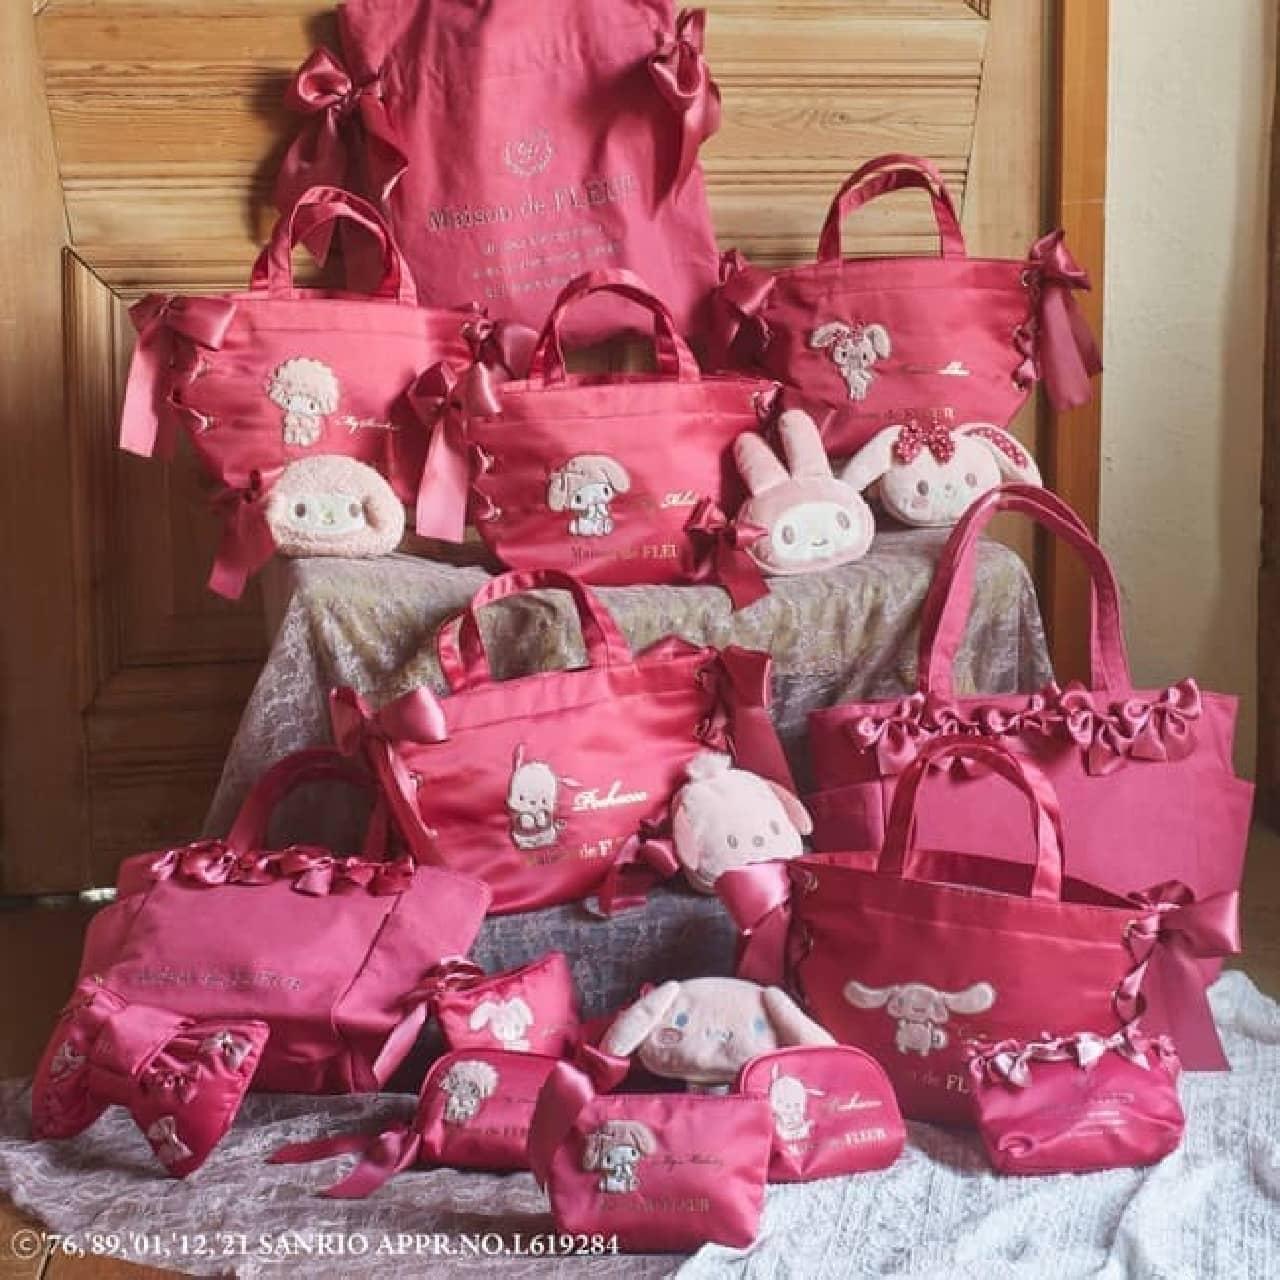 Maison de FLEURのバレンタインイベントPINK MANIA(ピンクマニア)